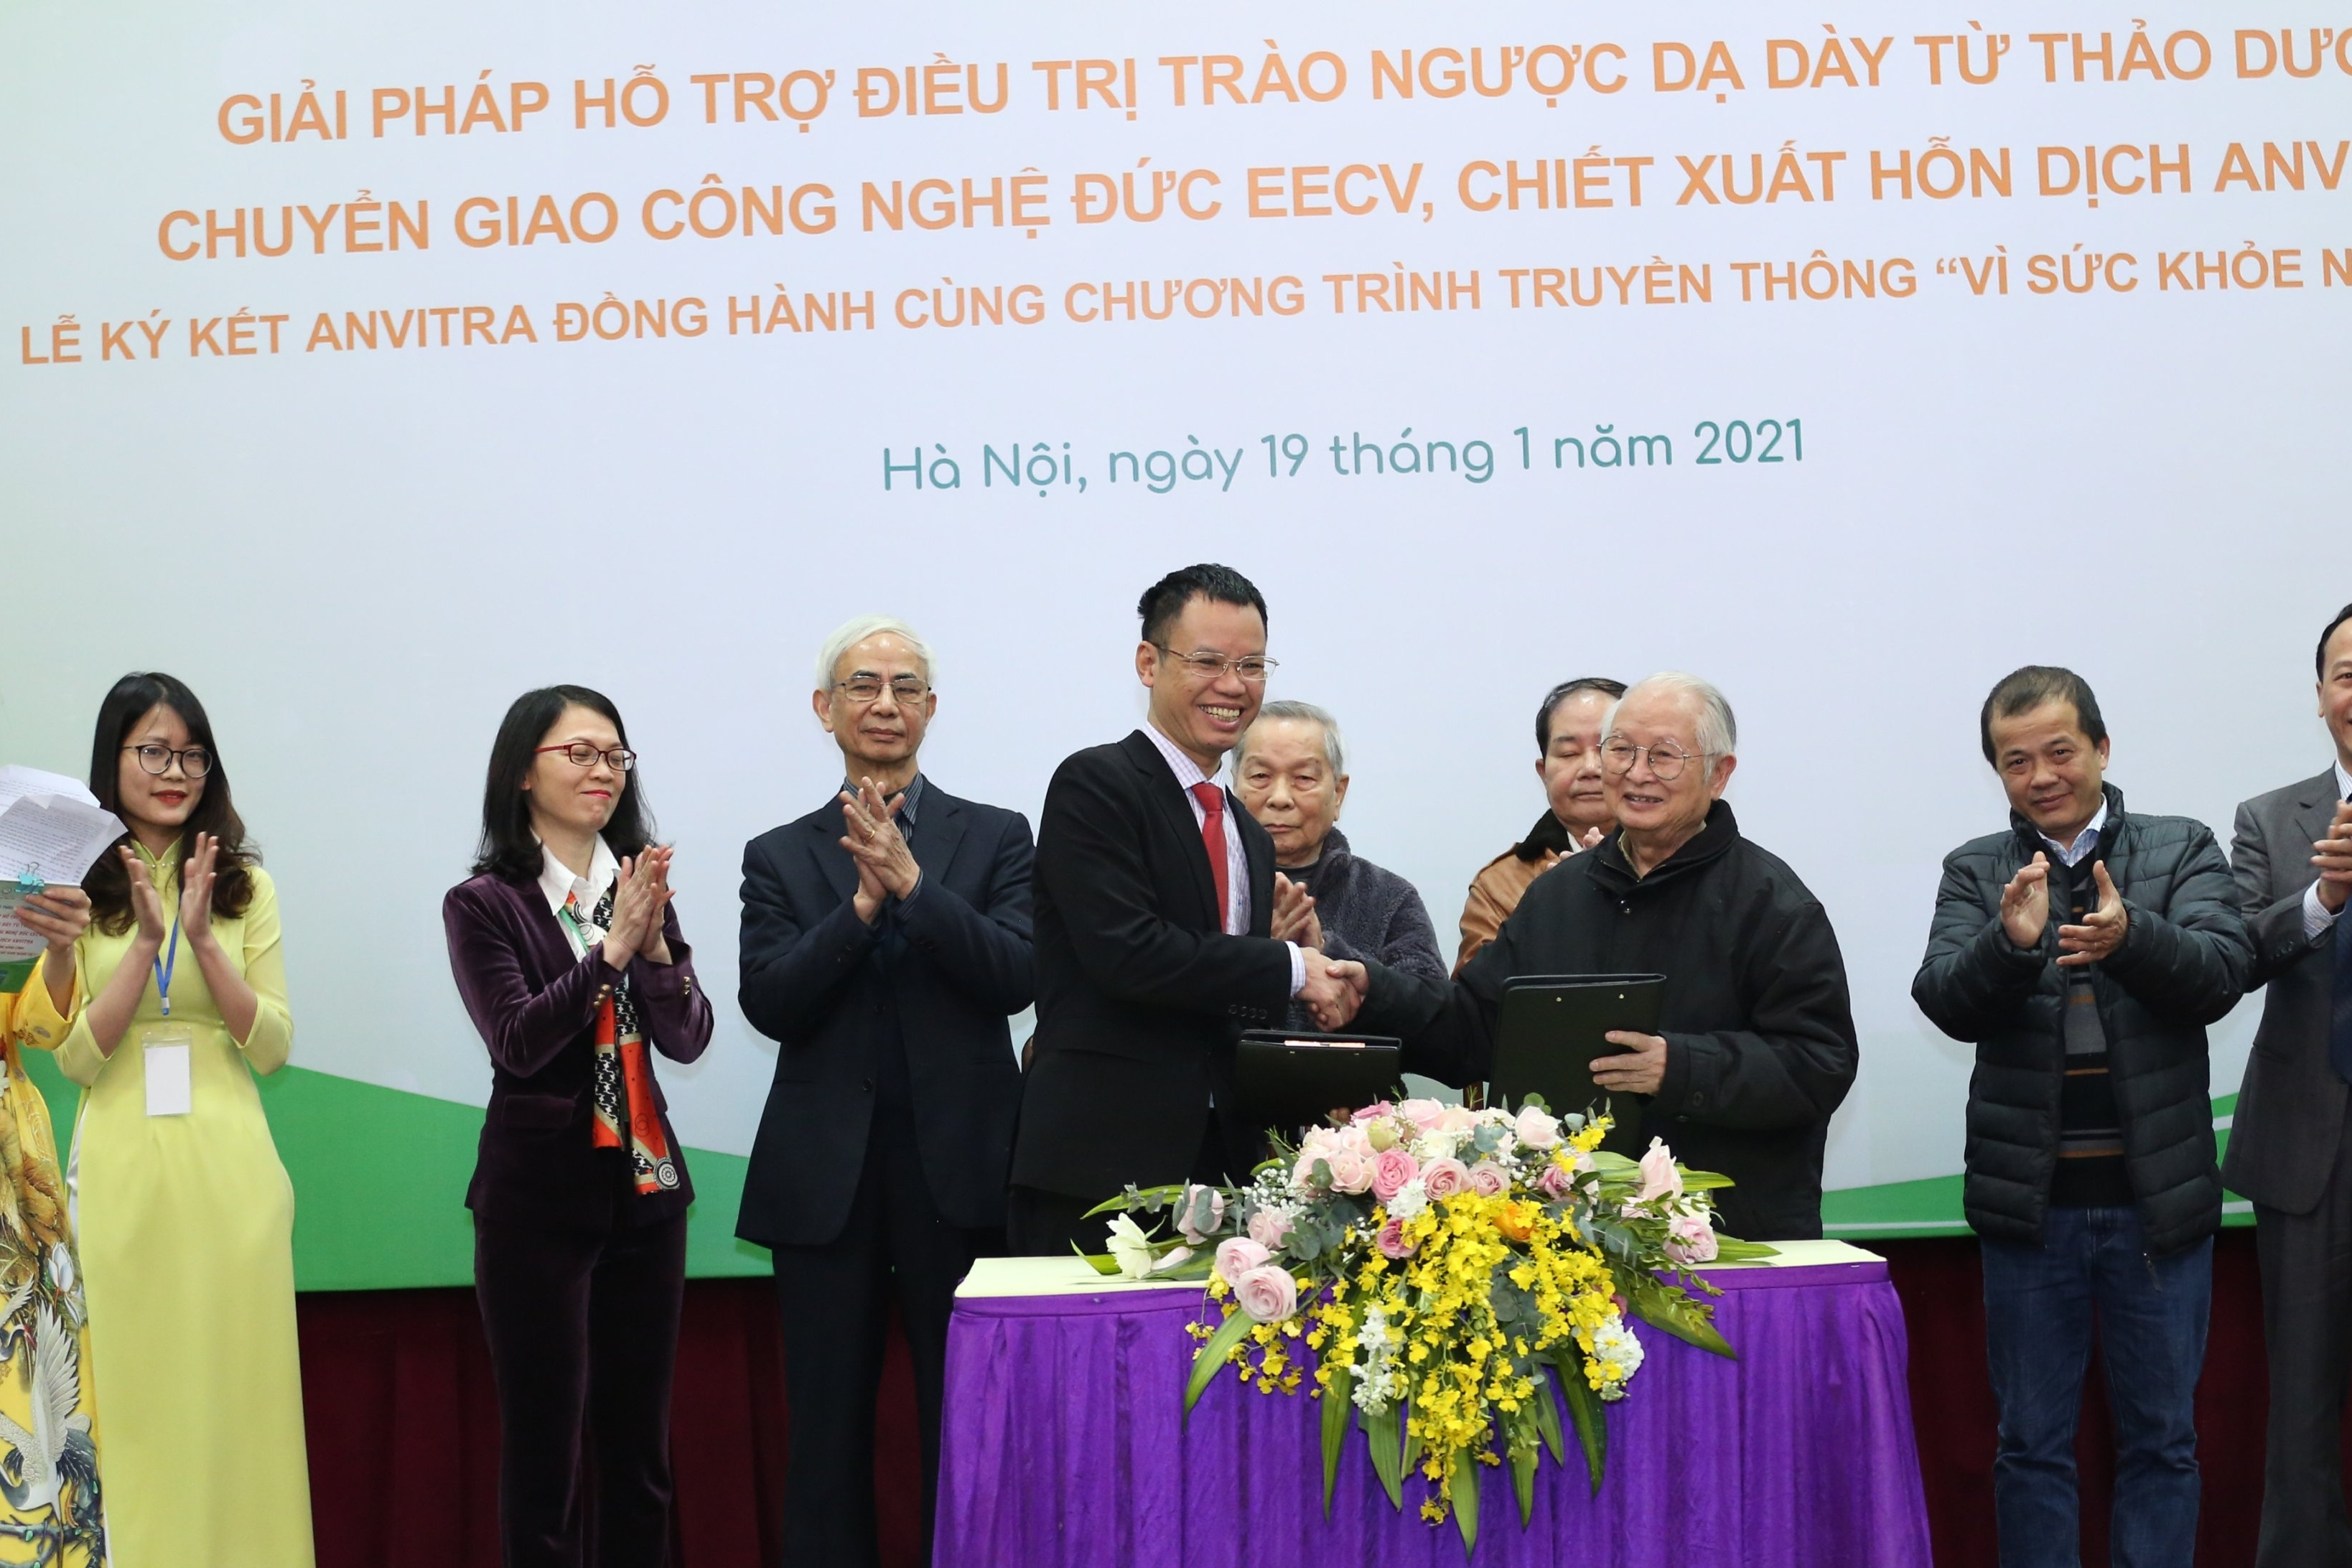 Anvy đồng hành cùng Chương trình 'Vì sức khỏe người Việt'